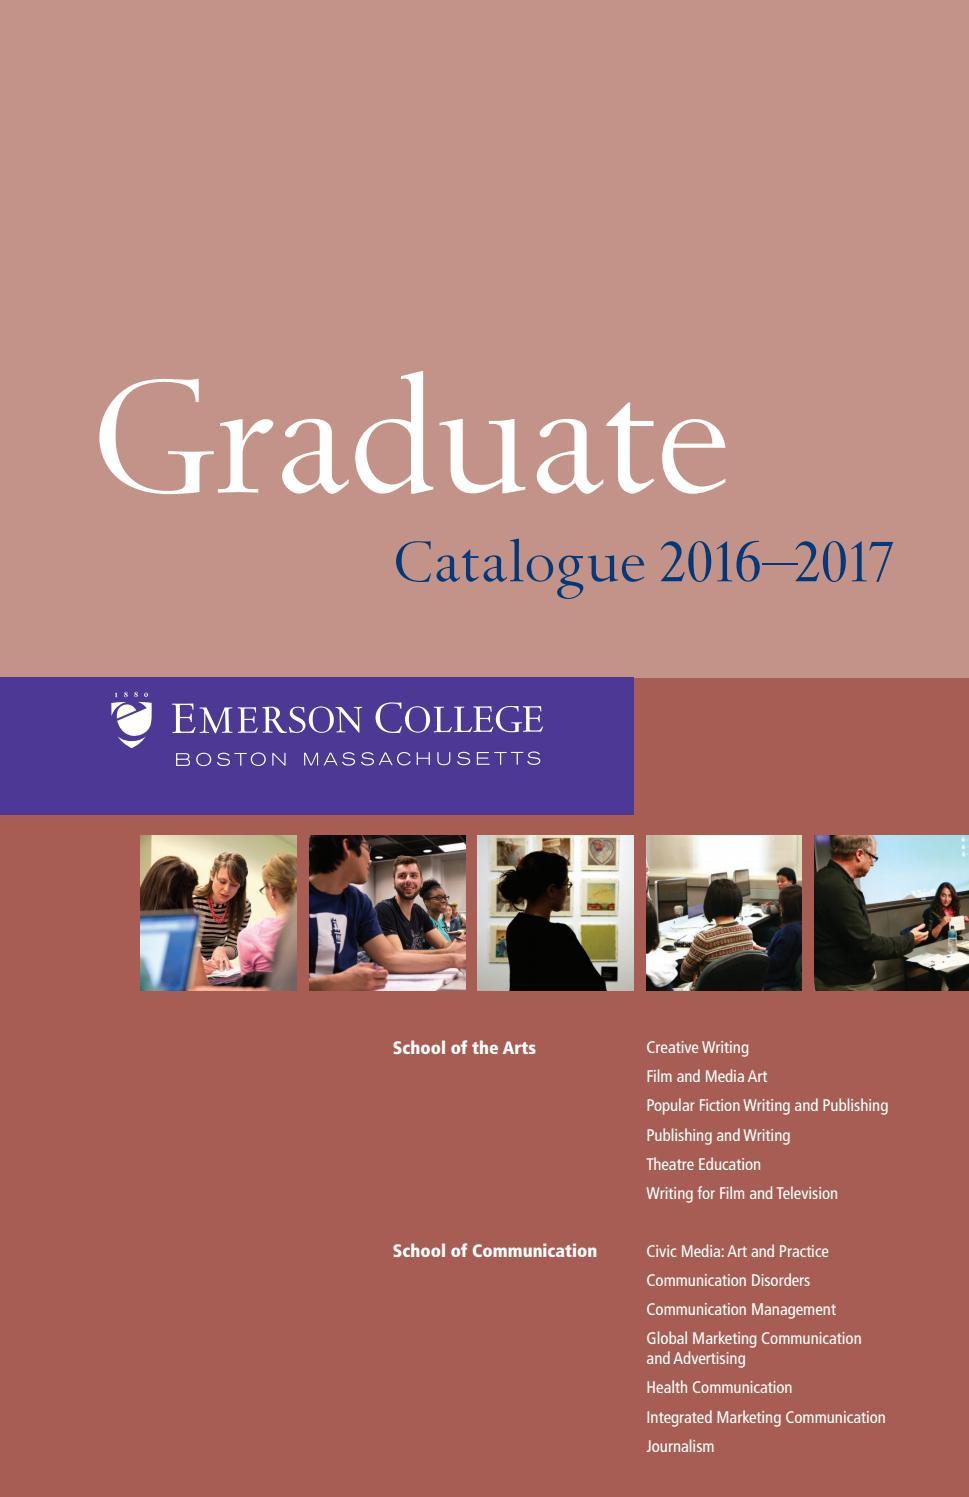 Emerson College Academic Calendar Printable Calendar Template 2017